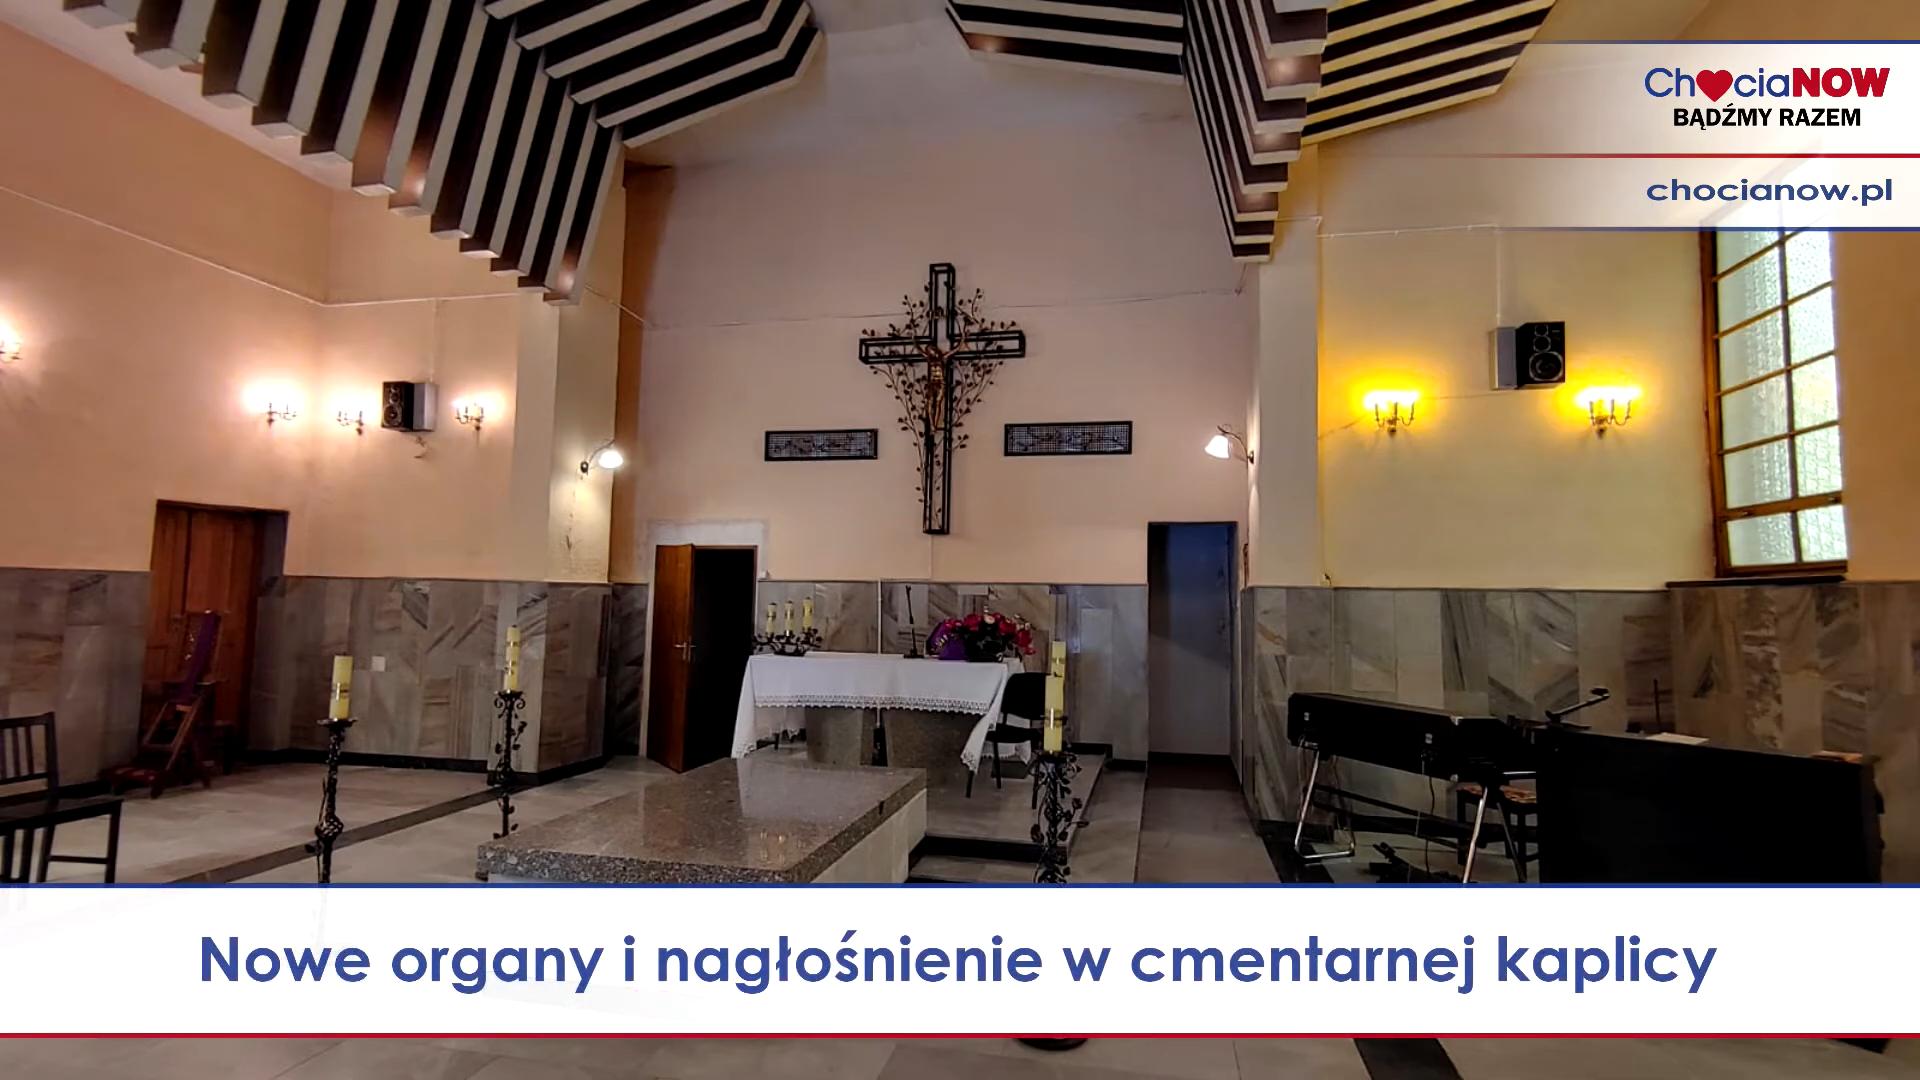 Dwudziesty dziewiąty tydzień w chocianow.tv (wideo)